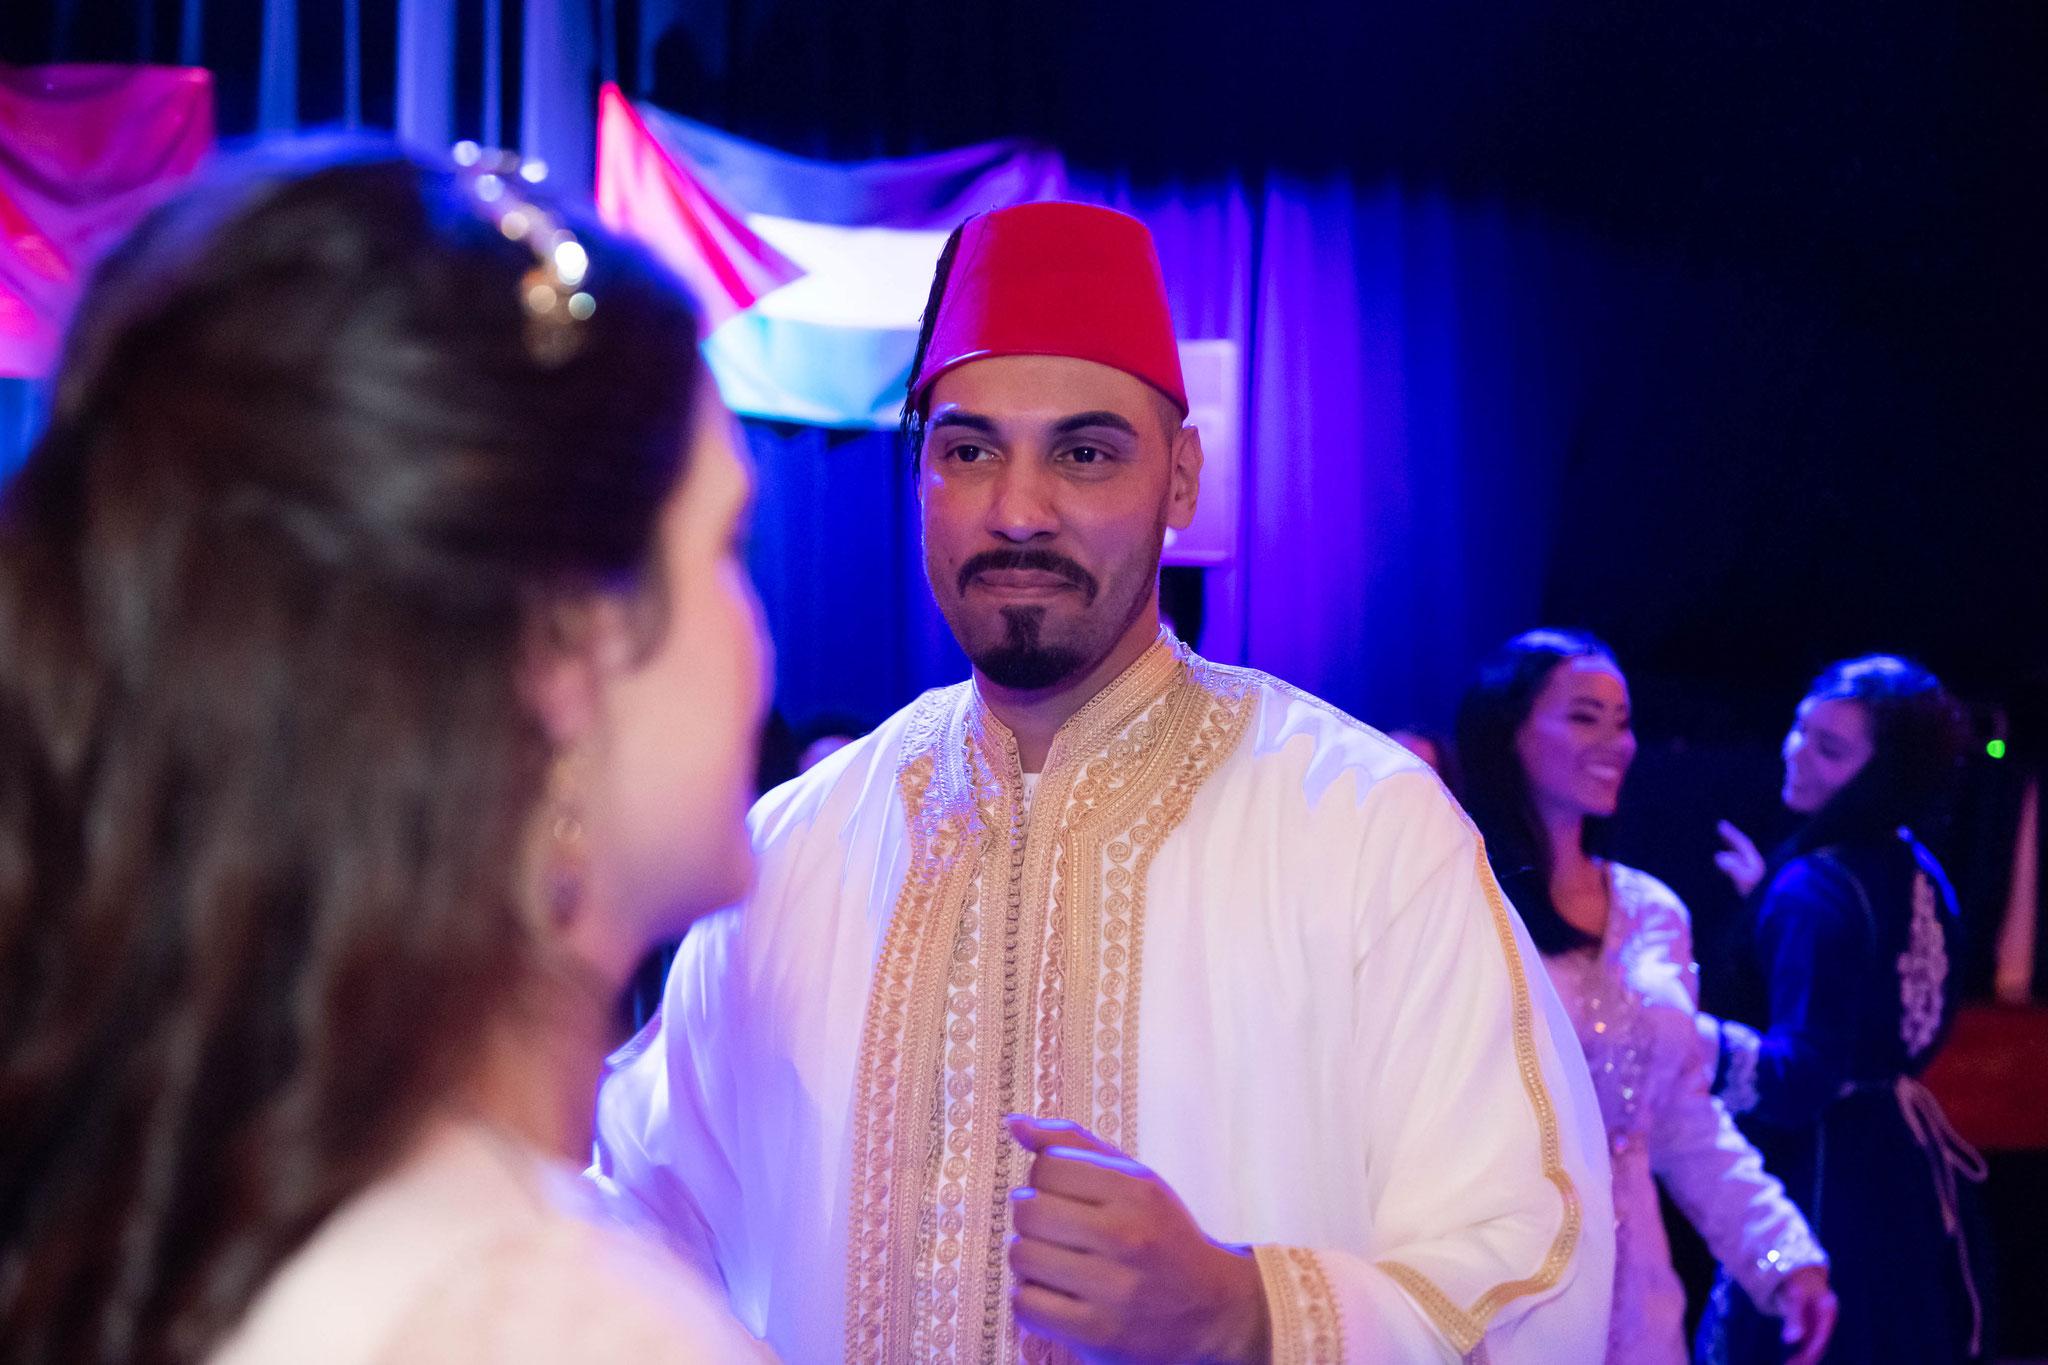 Professionelle Hochzeitsaufnahmen internationaler Hochzeiten